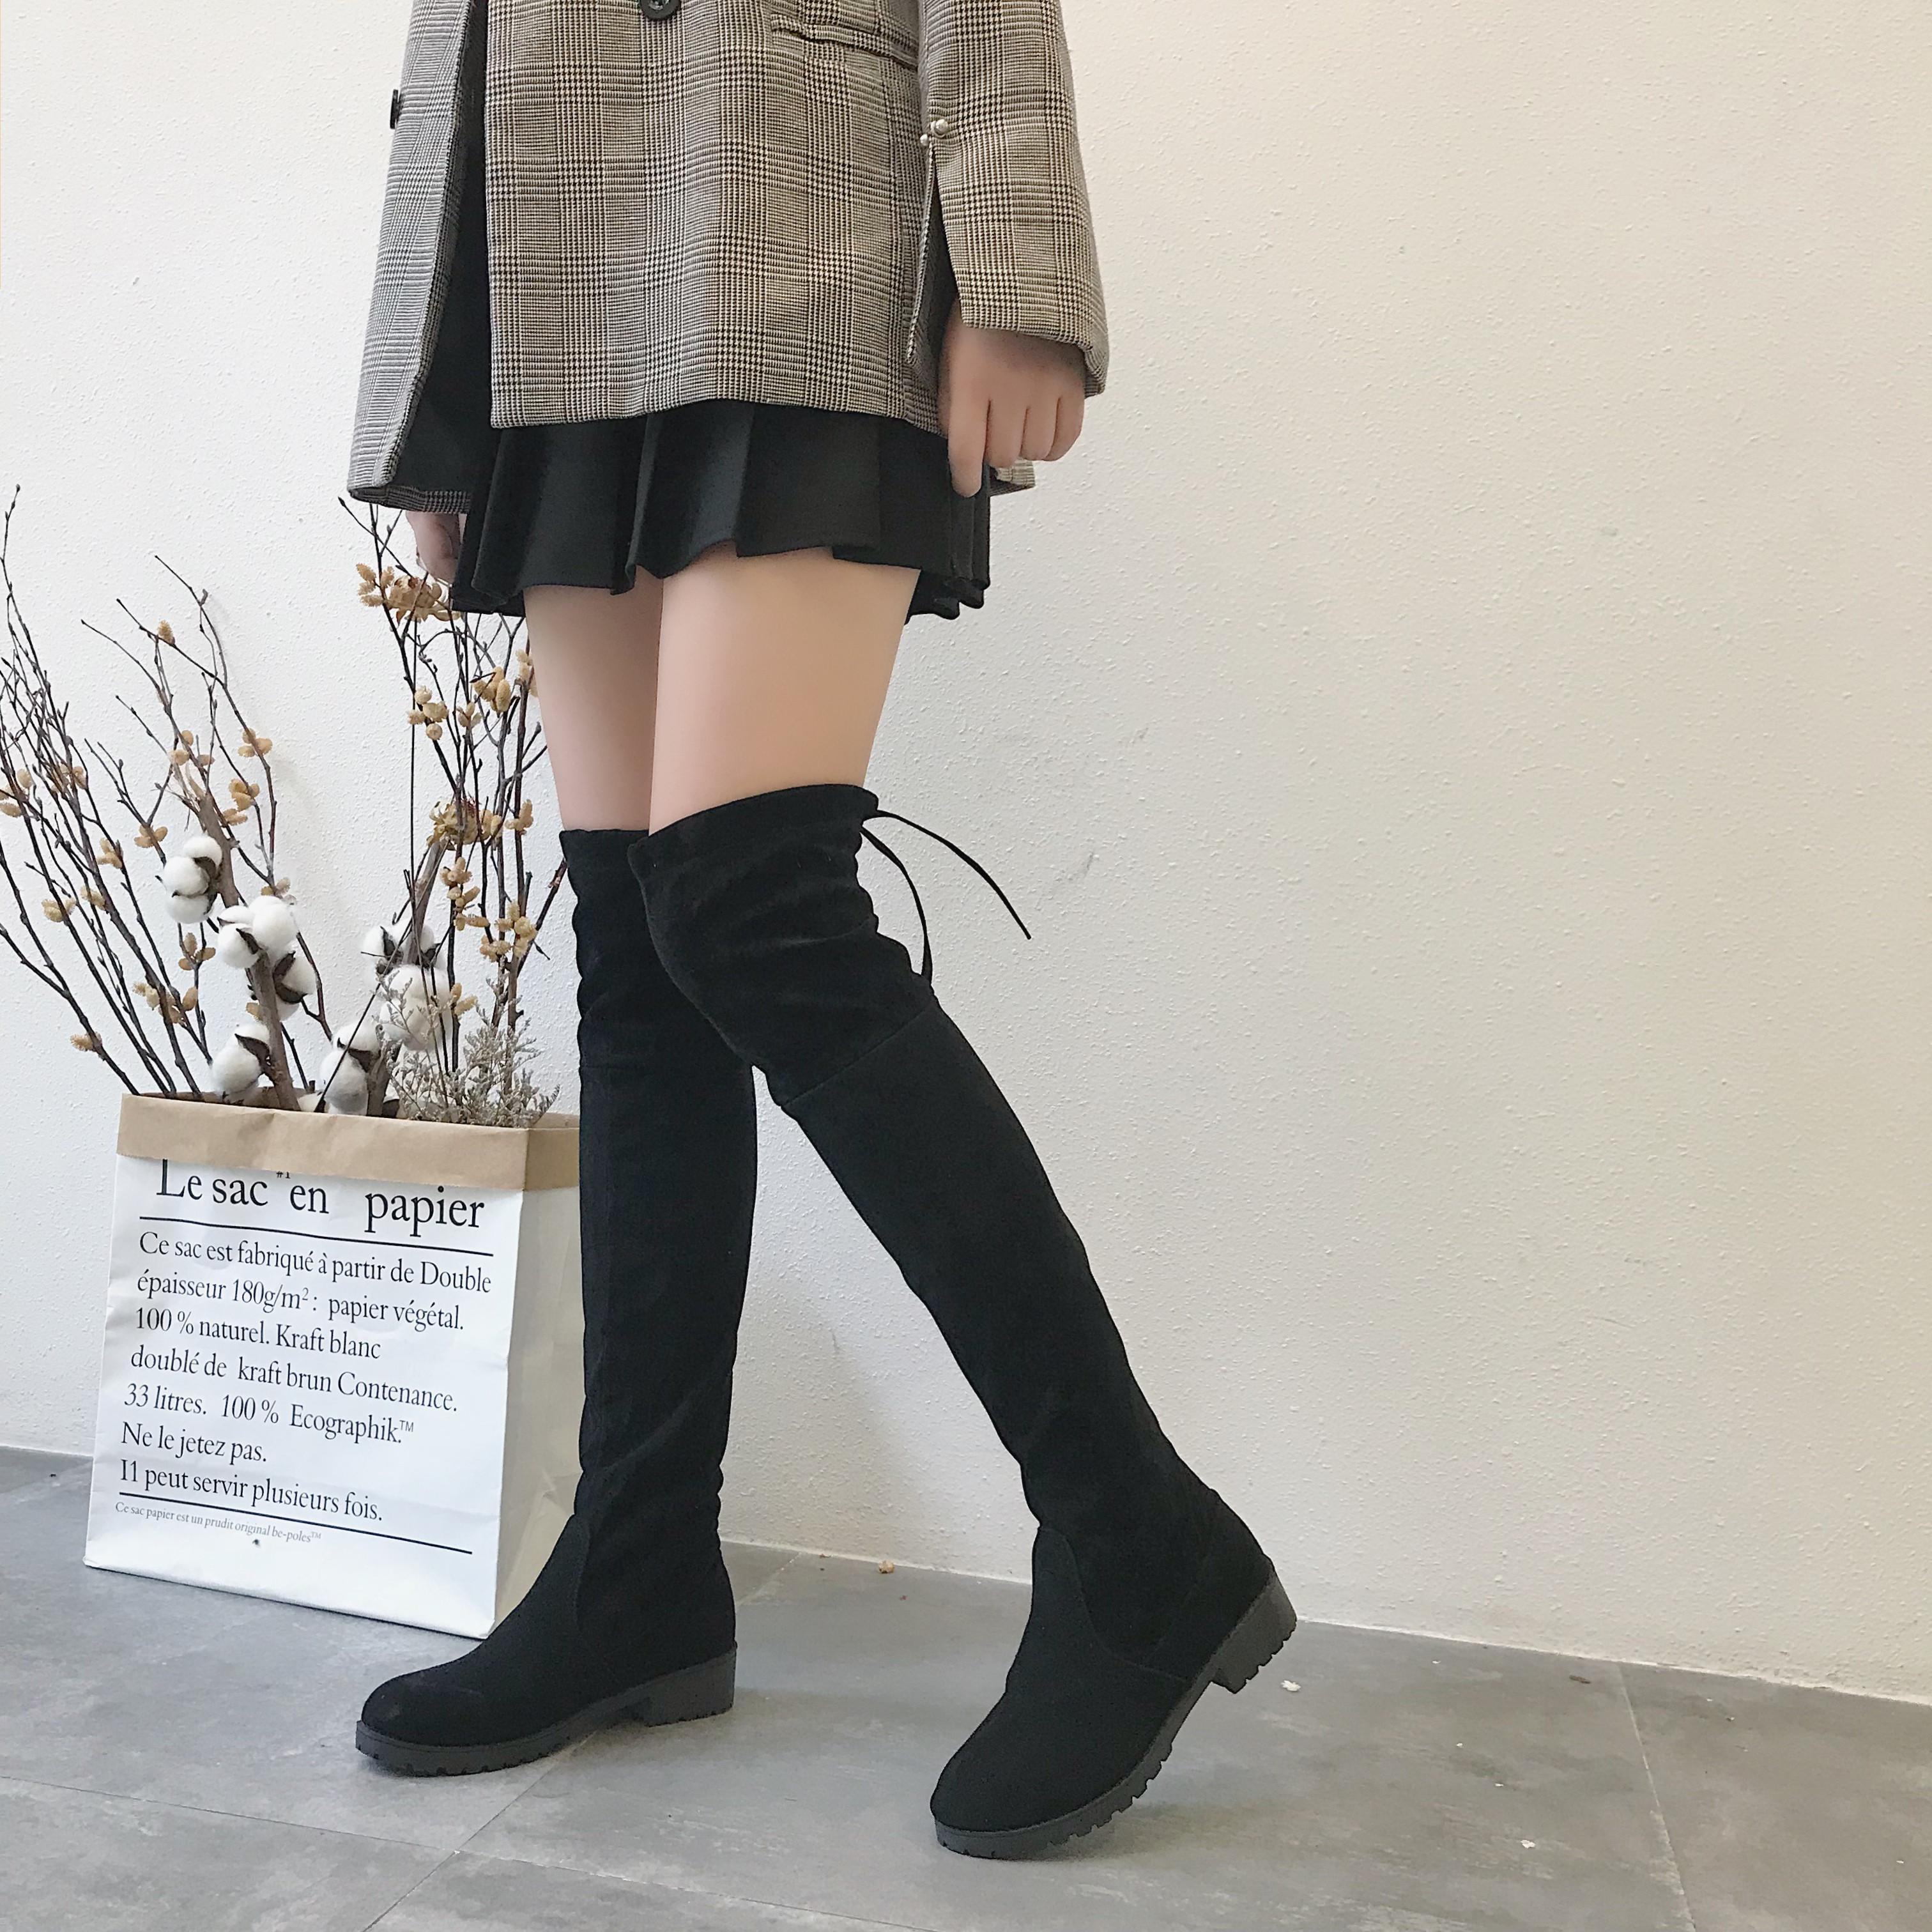 洛百丽官网正品春季过膝长靴女瘦腿中跟长筒弹力靴女2019春季新款